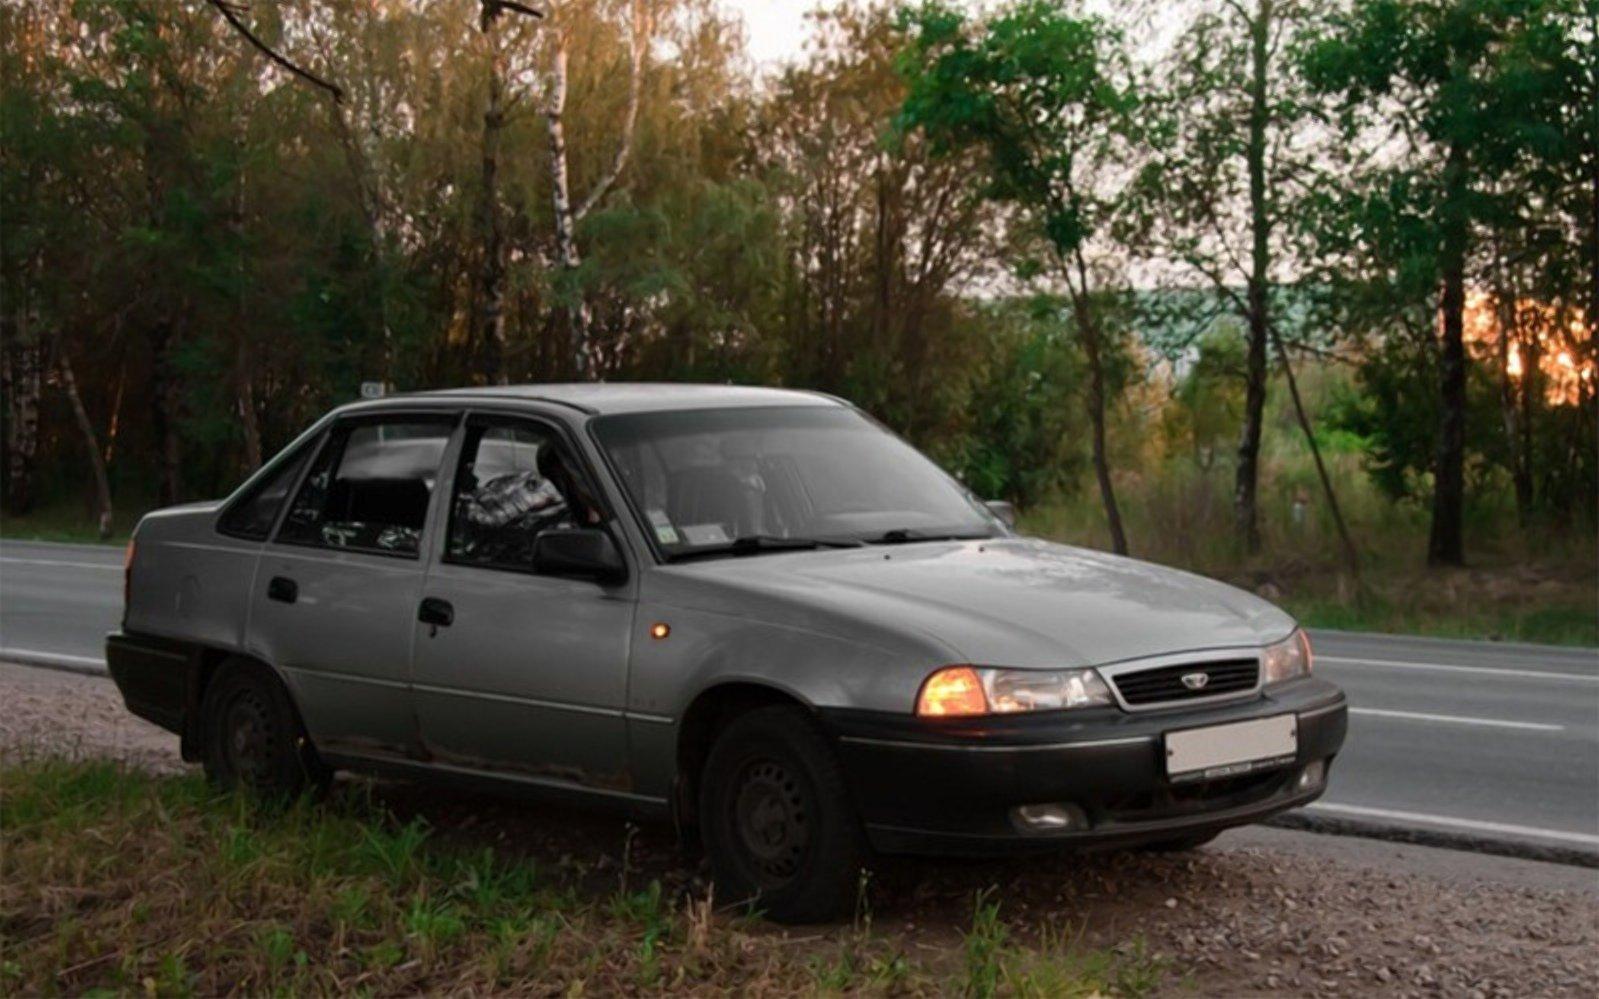 ТОП-5 б/в авто, які згниють за пару сезонів